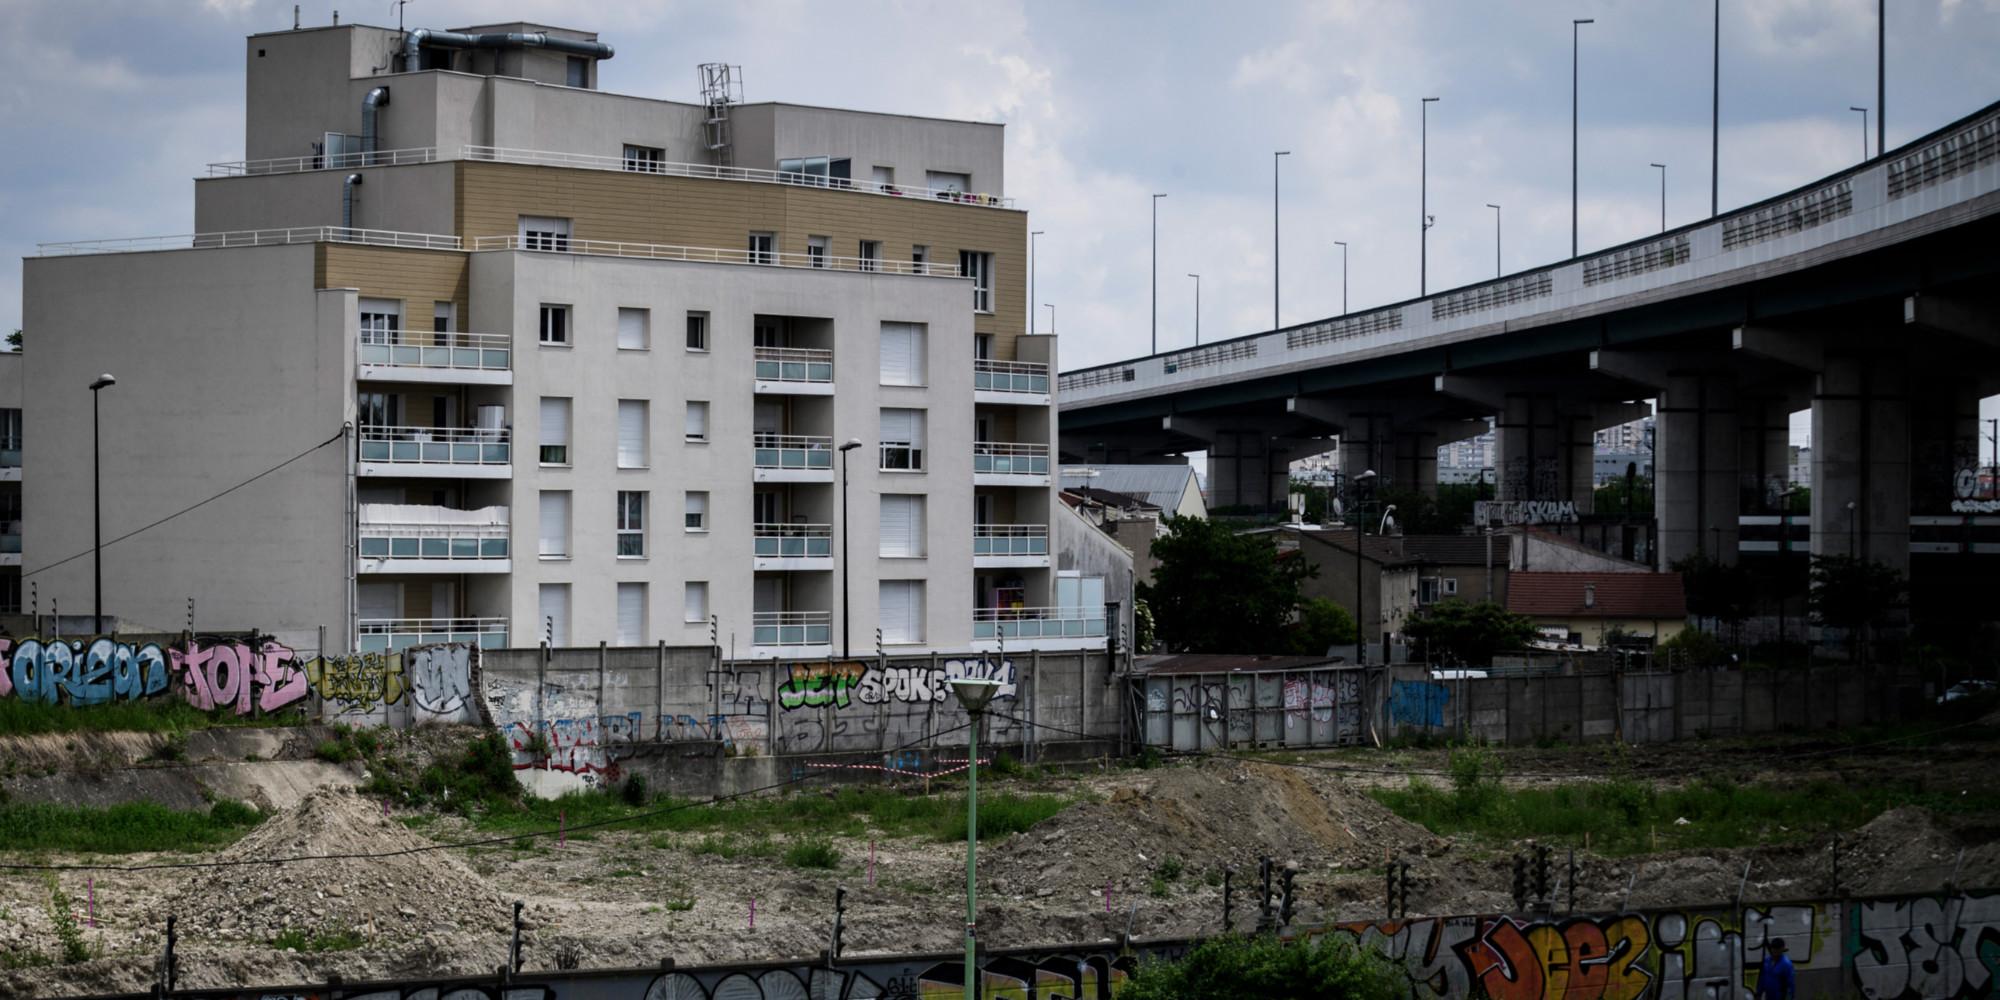 À Aubervilliers, une société privée aide à assurer la sécurité dans un quartier